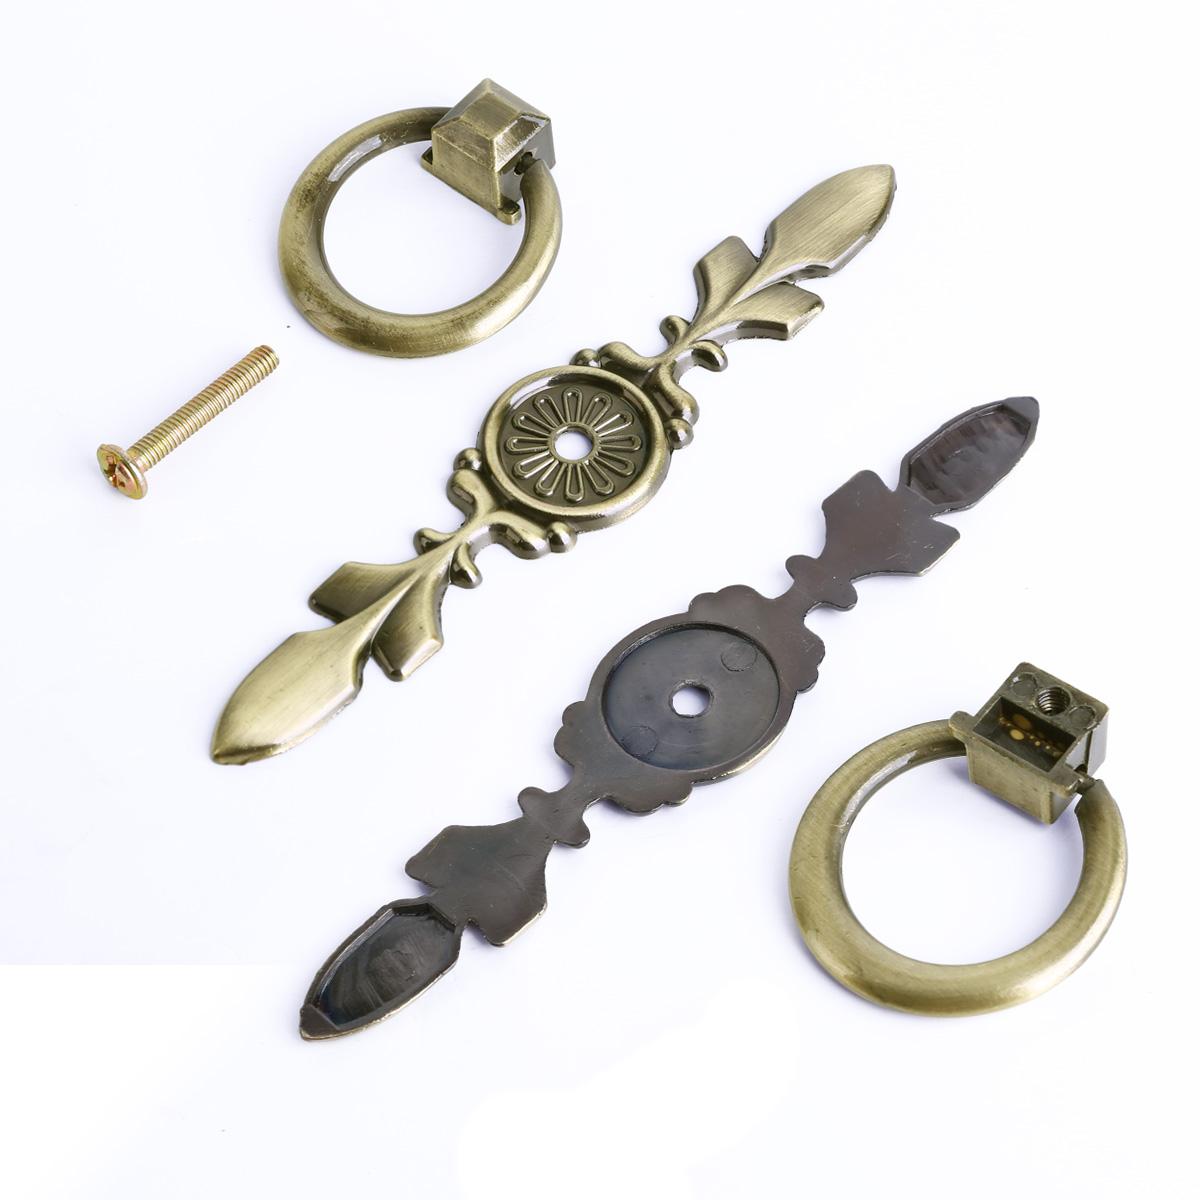 8 maniglie pomelli maniglia metallo per armadietti armadi for Armadietti metallo